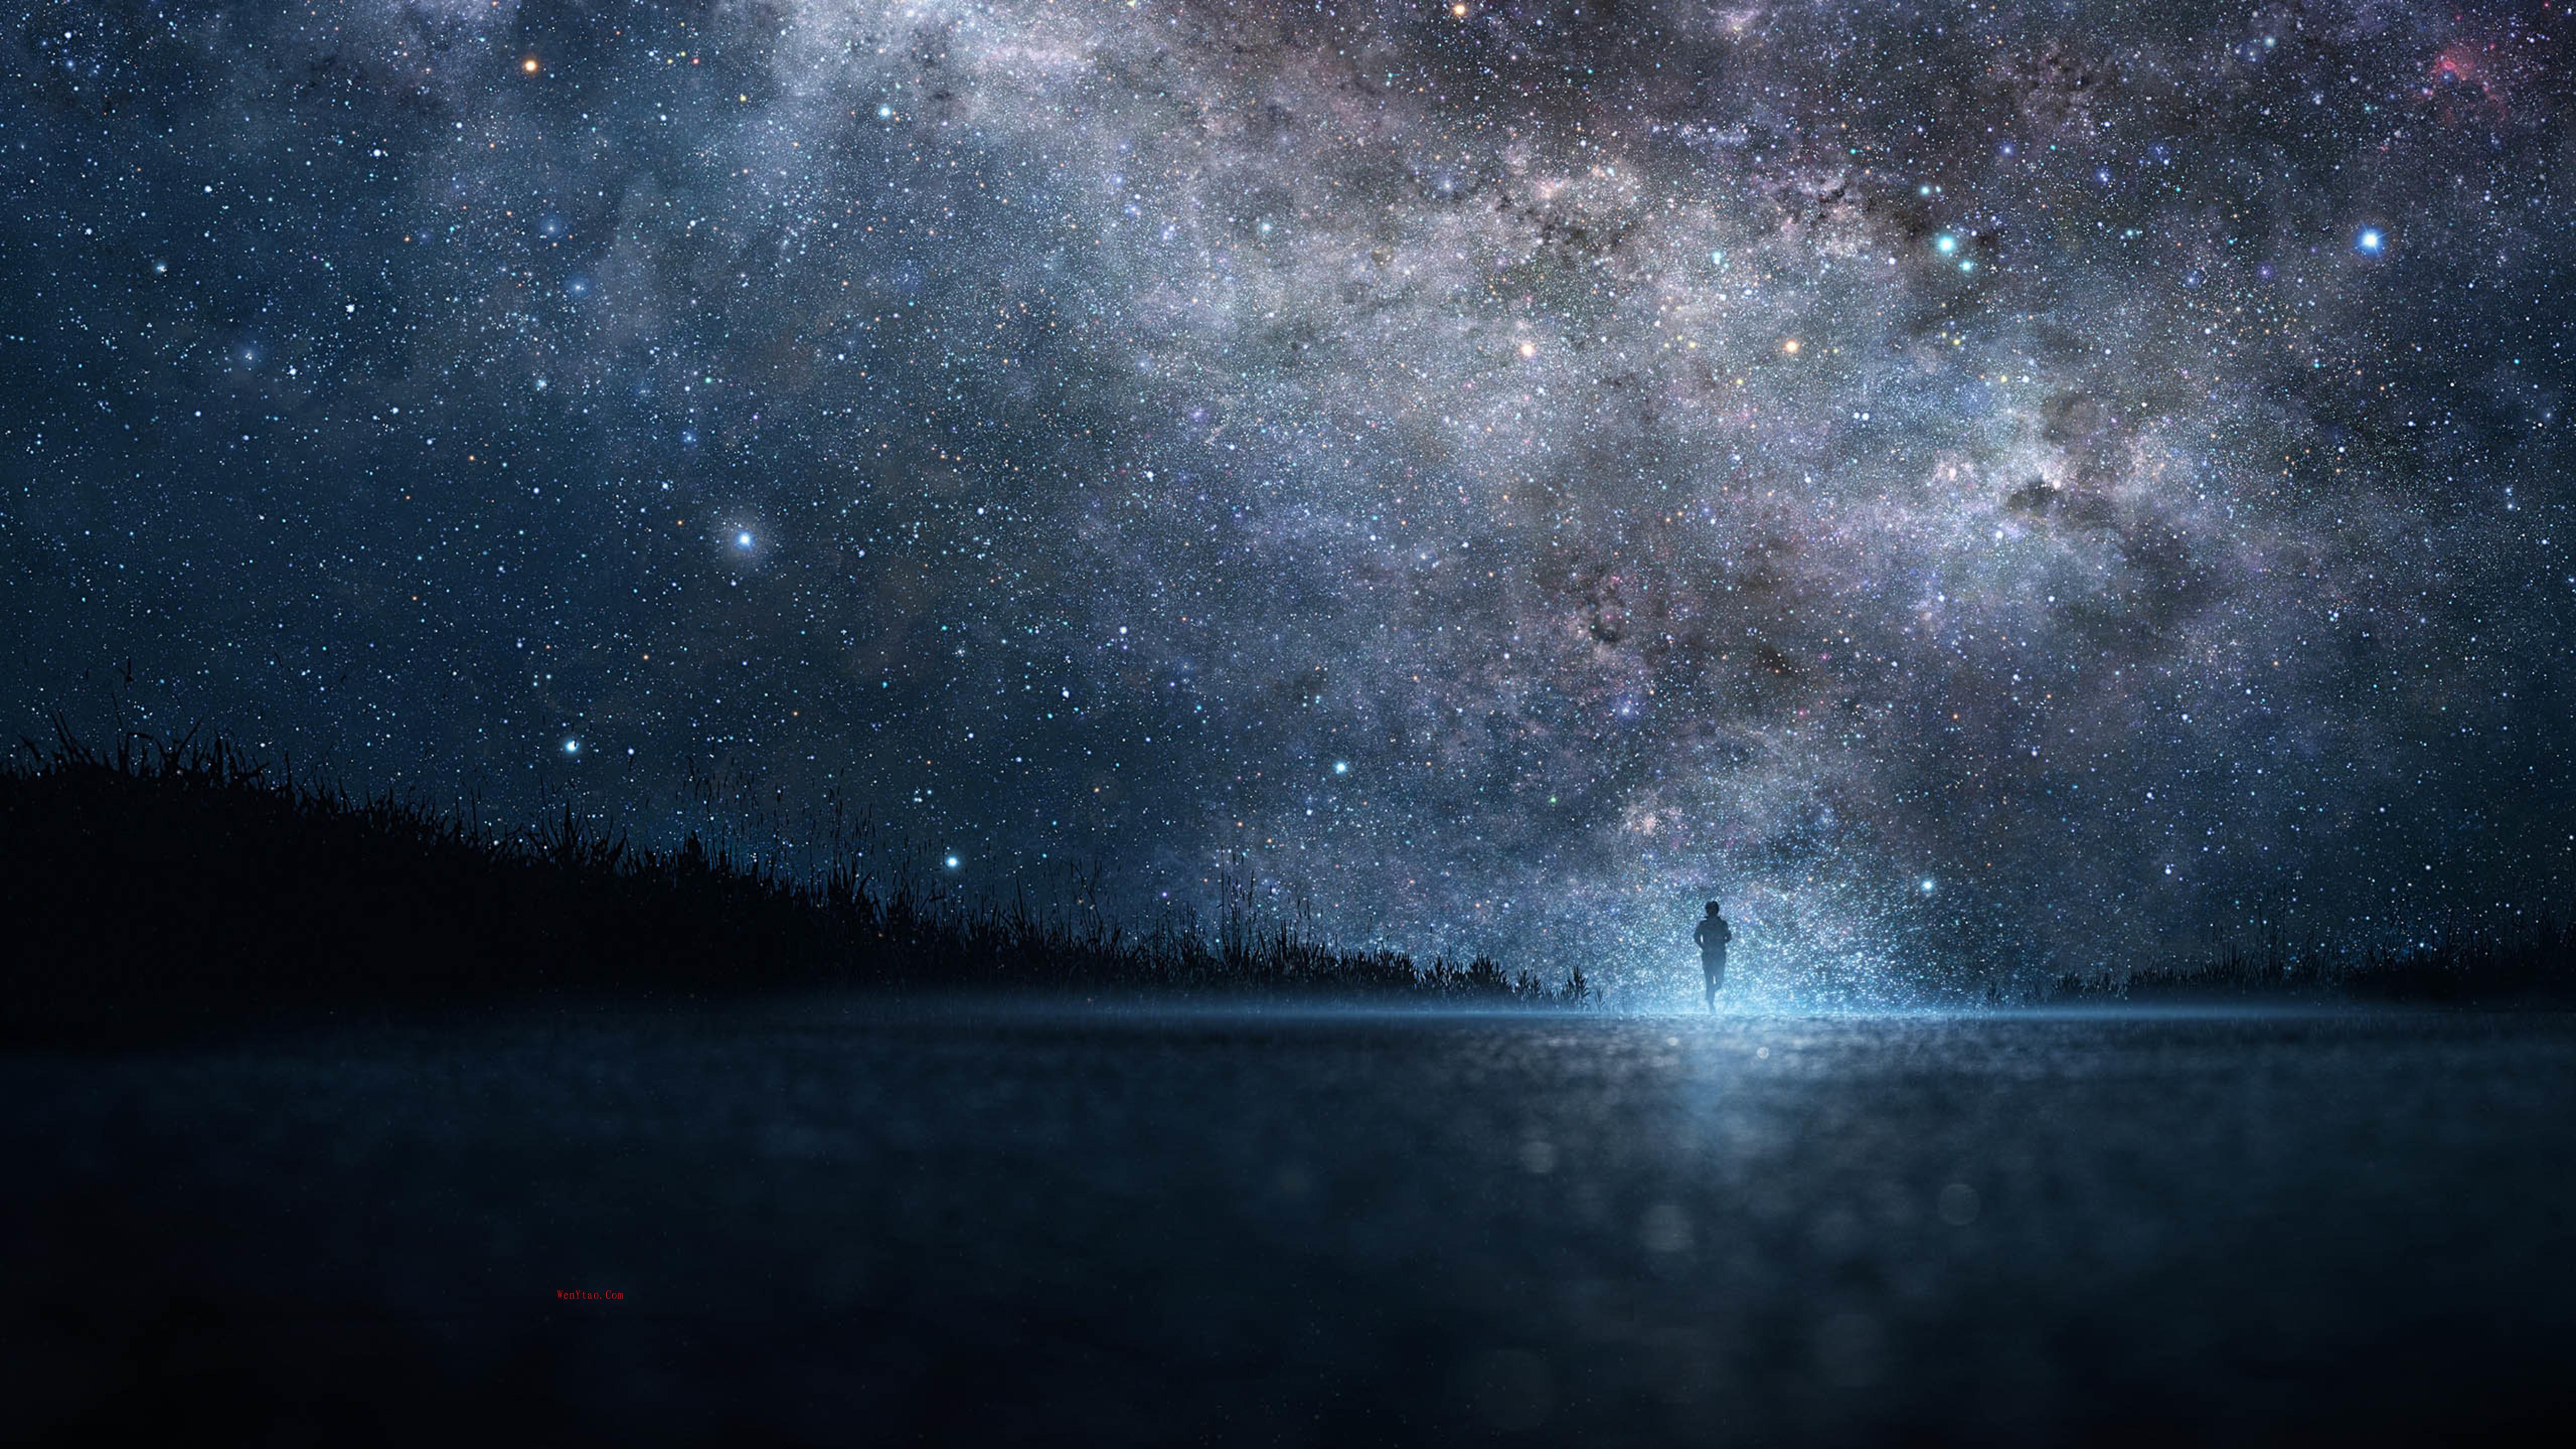 风景奇幻梦境山峰星空繁星云雾夜晚星空星球梦幻5k壁纸 风景 第8张